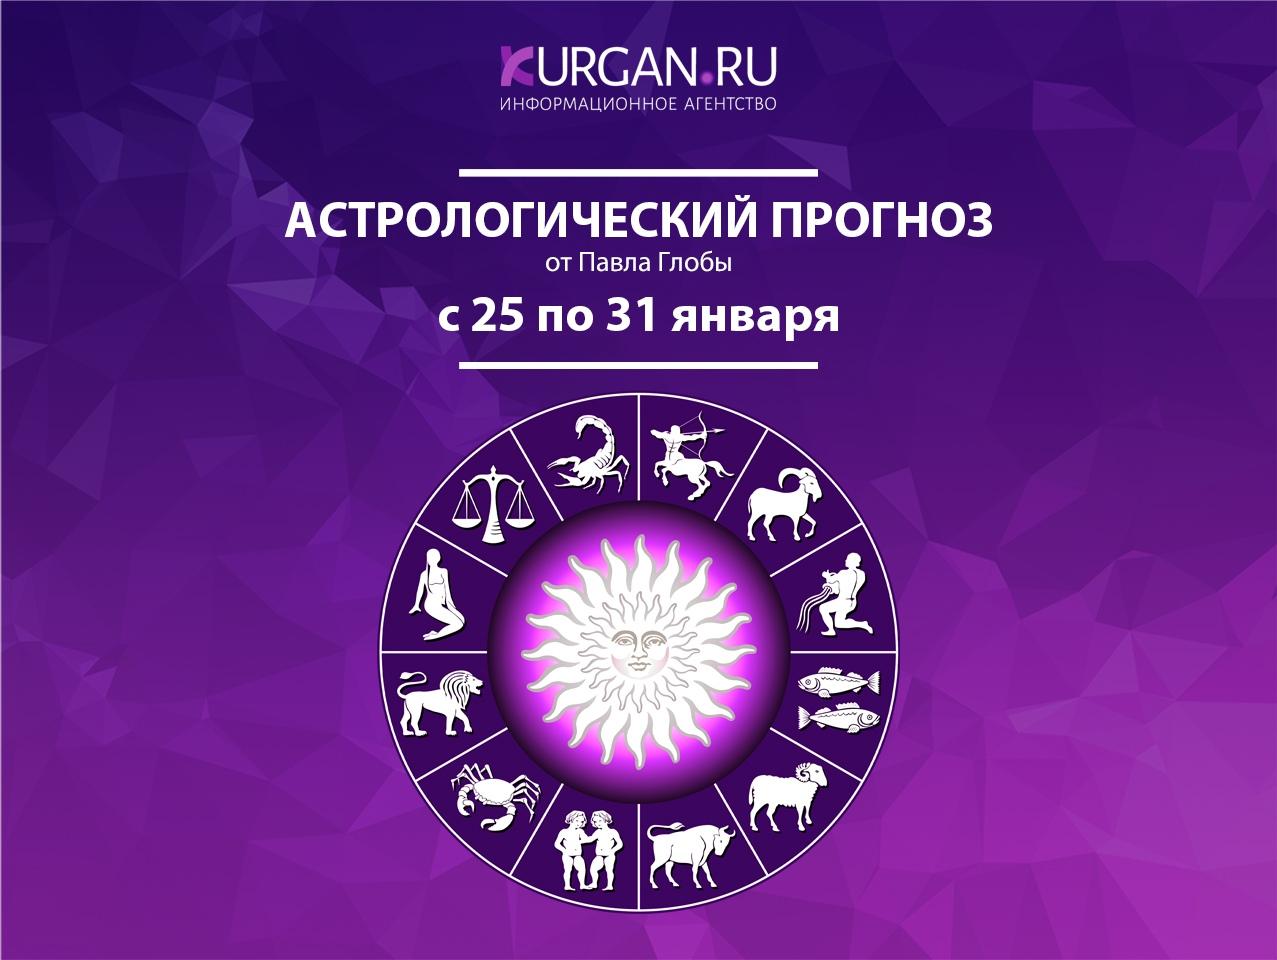 Астрологический прогноз с 25 по 31 января от Павла Глобы